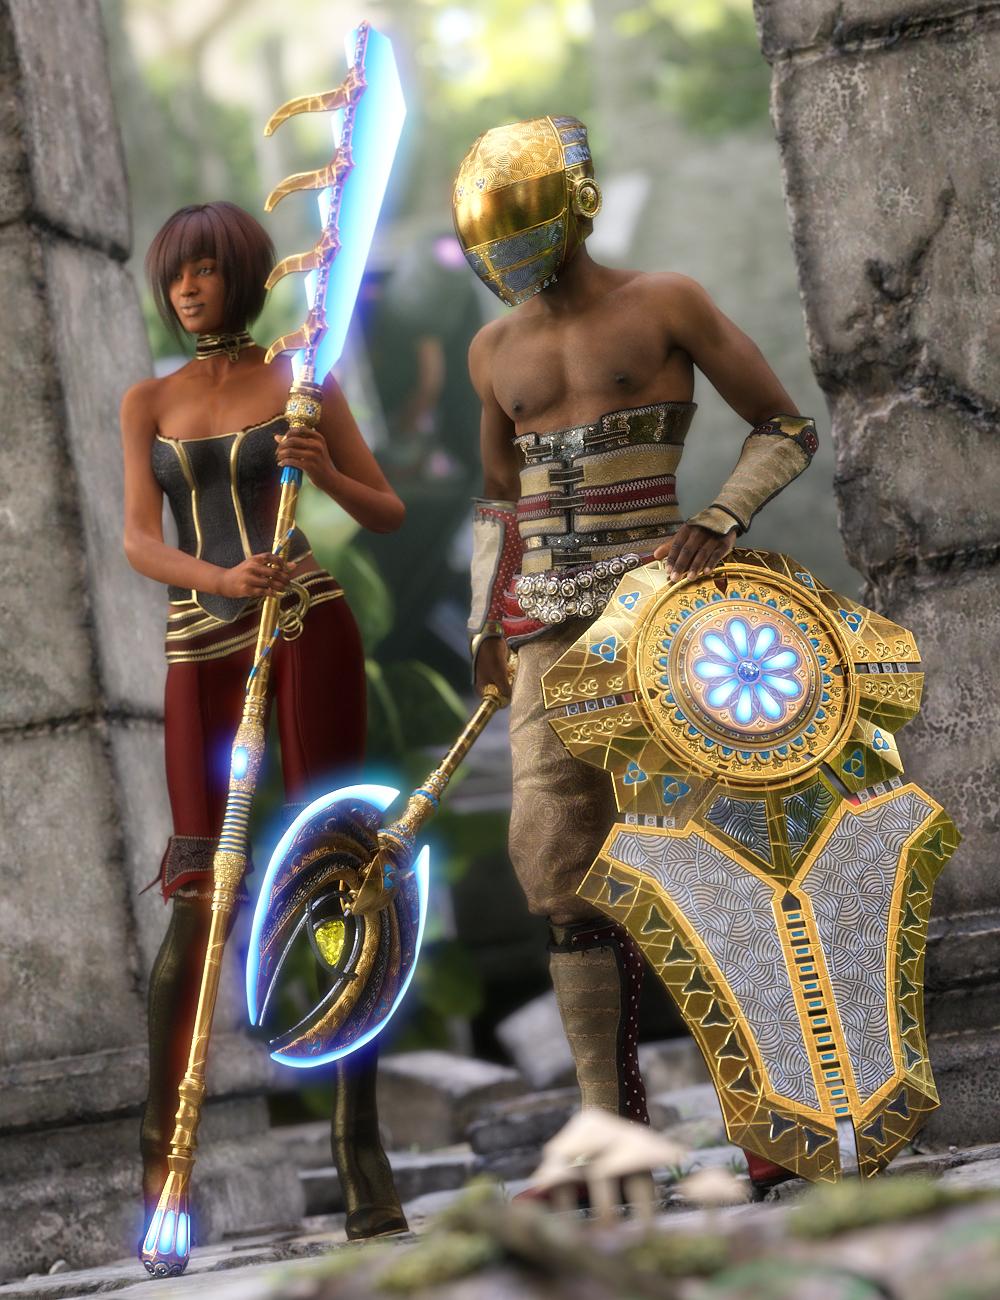 Atlantida Weapons by: petipet, 3D Models by Daz 3D